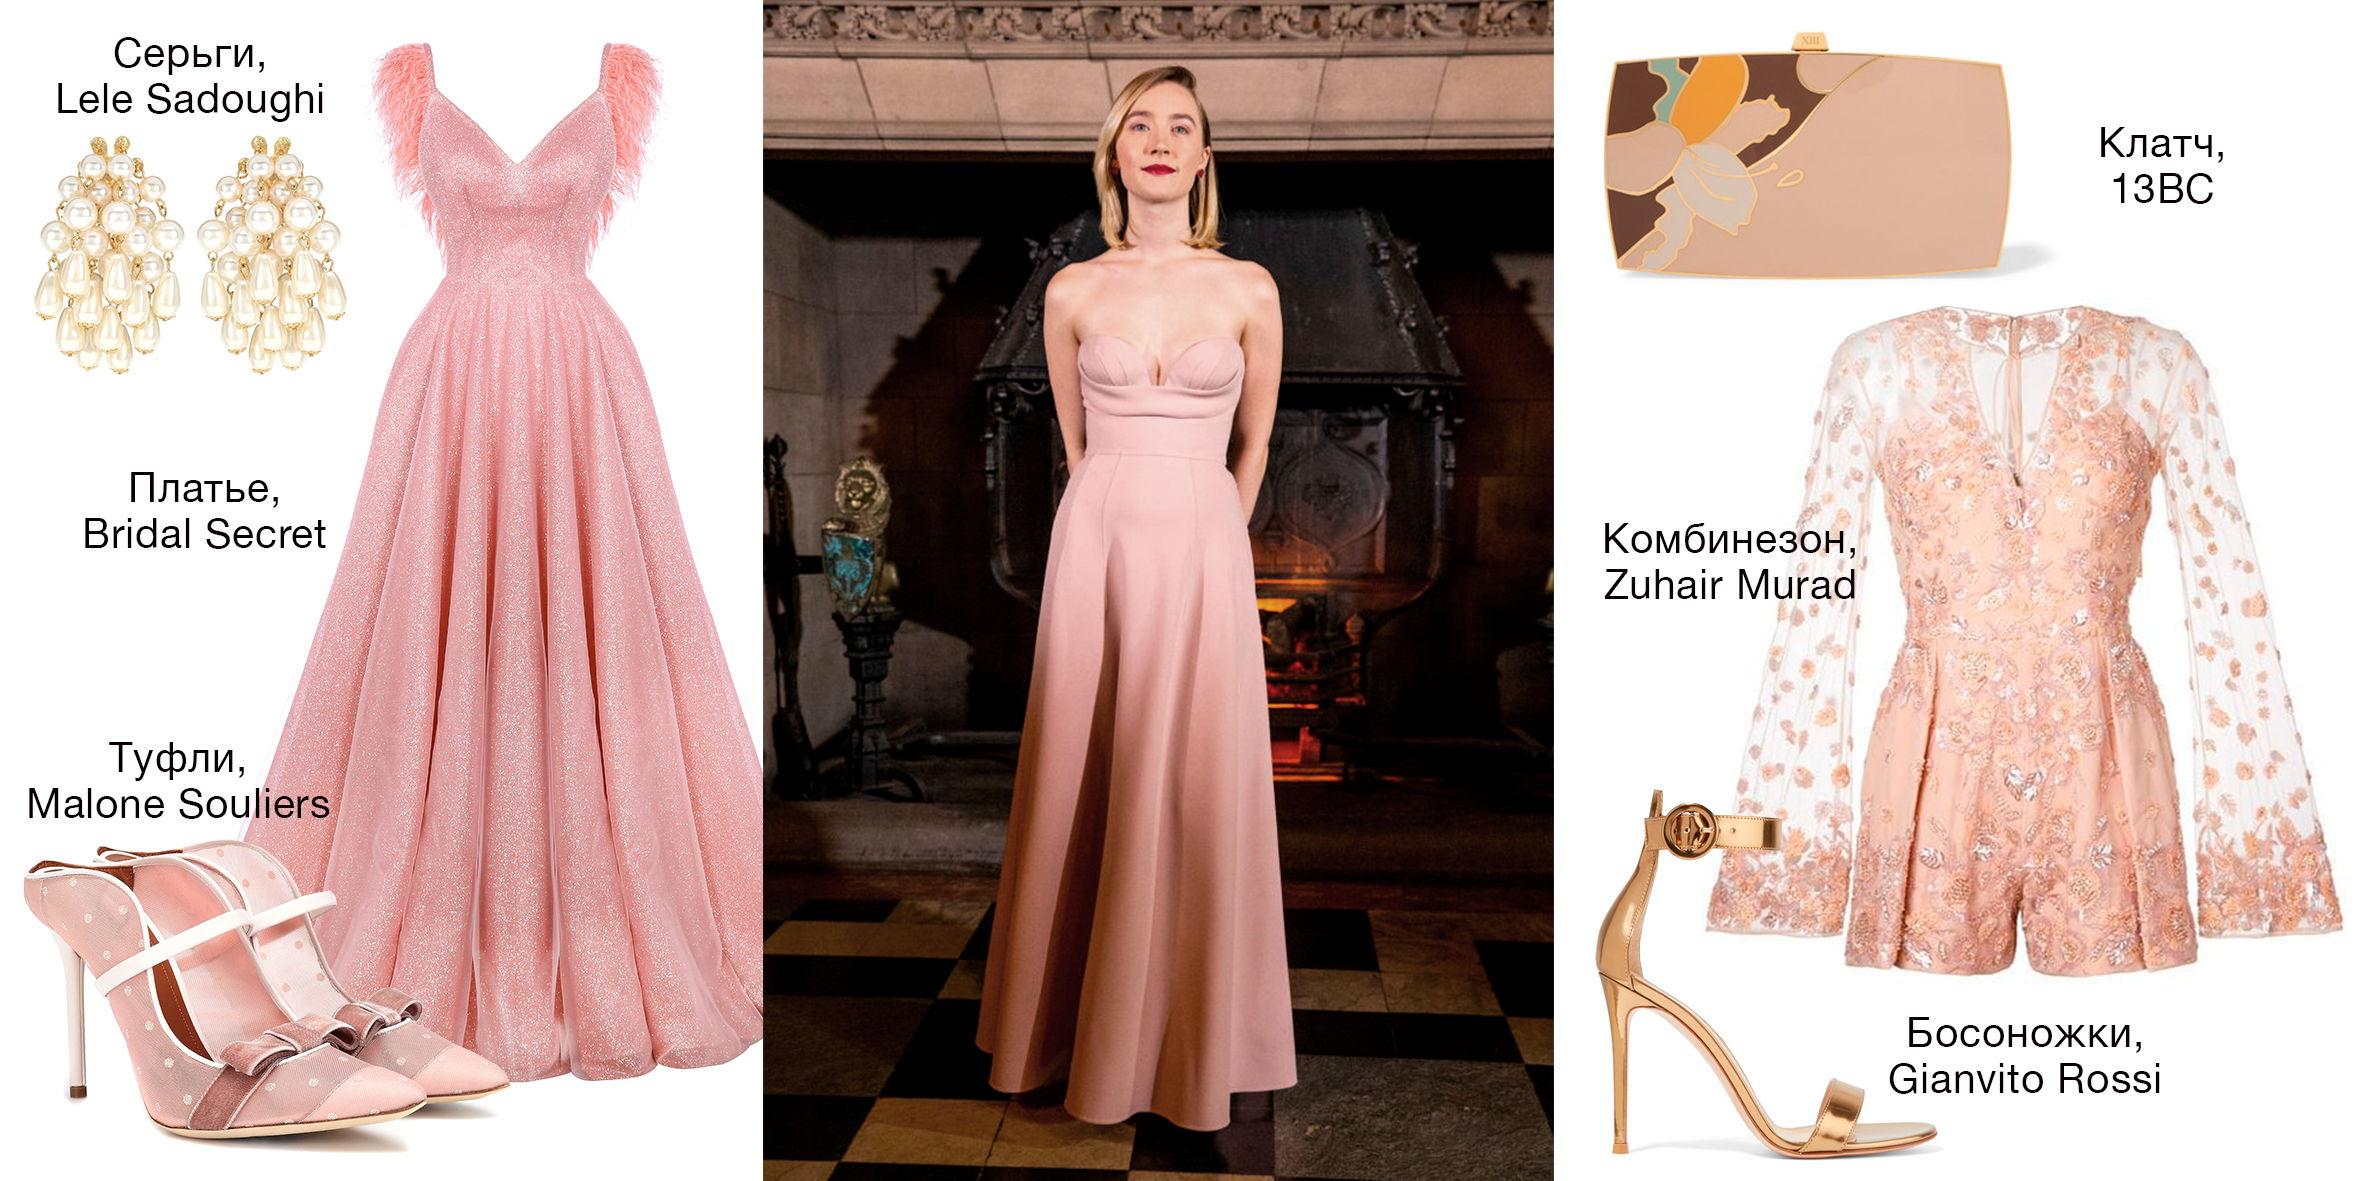 Как у звезд: выбираем идеальное платье на выпускной-Фото 2